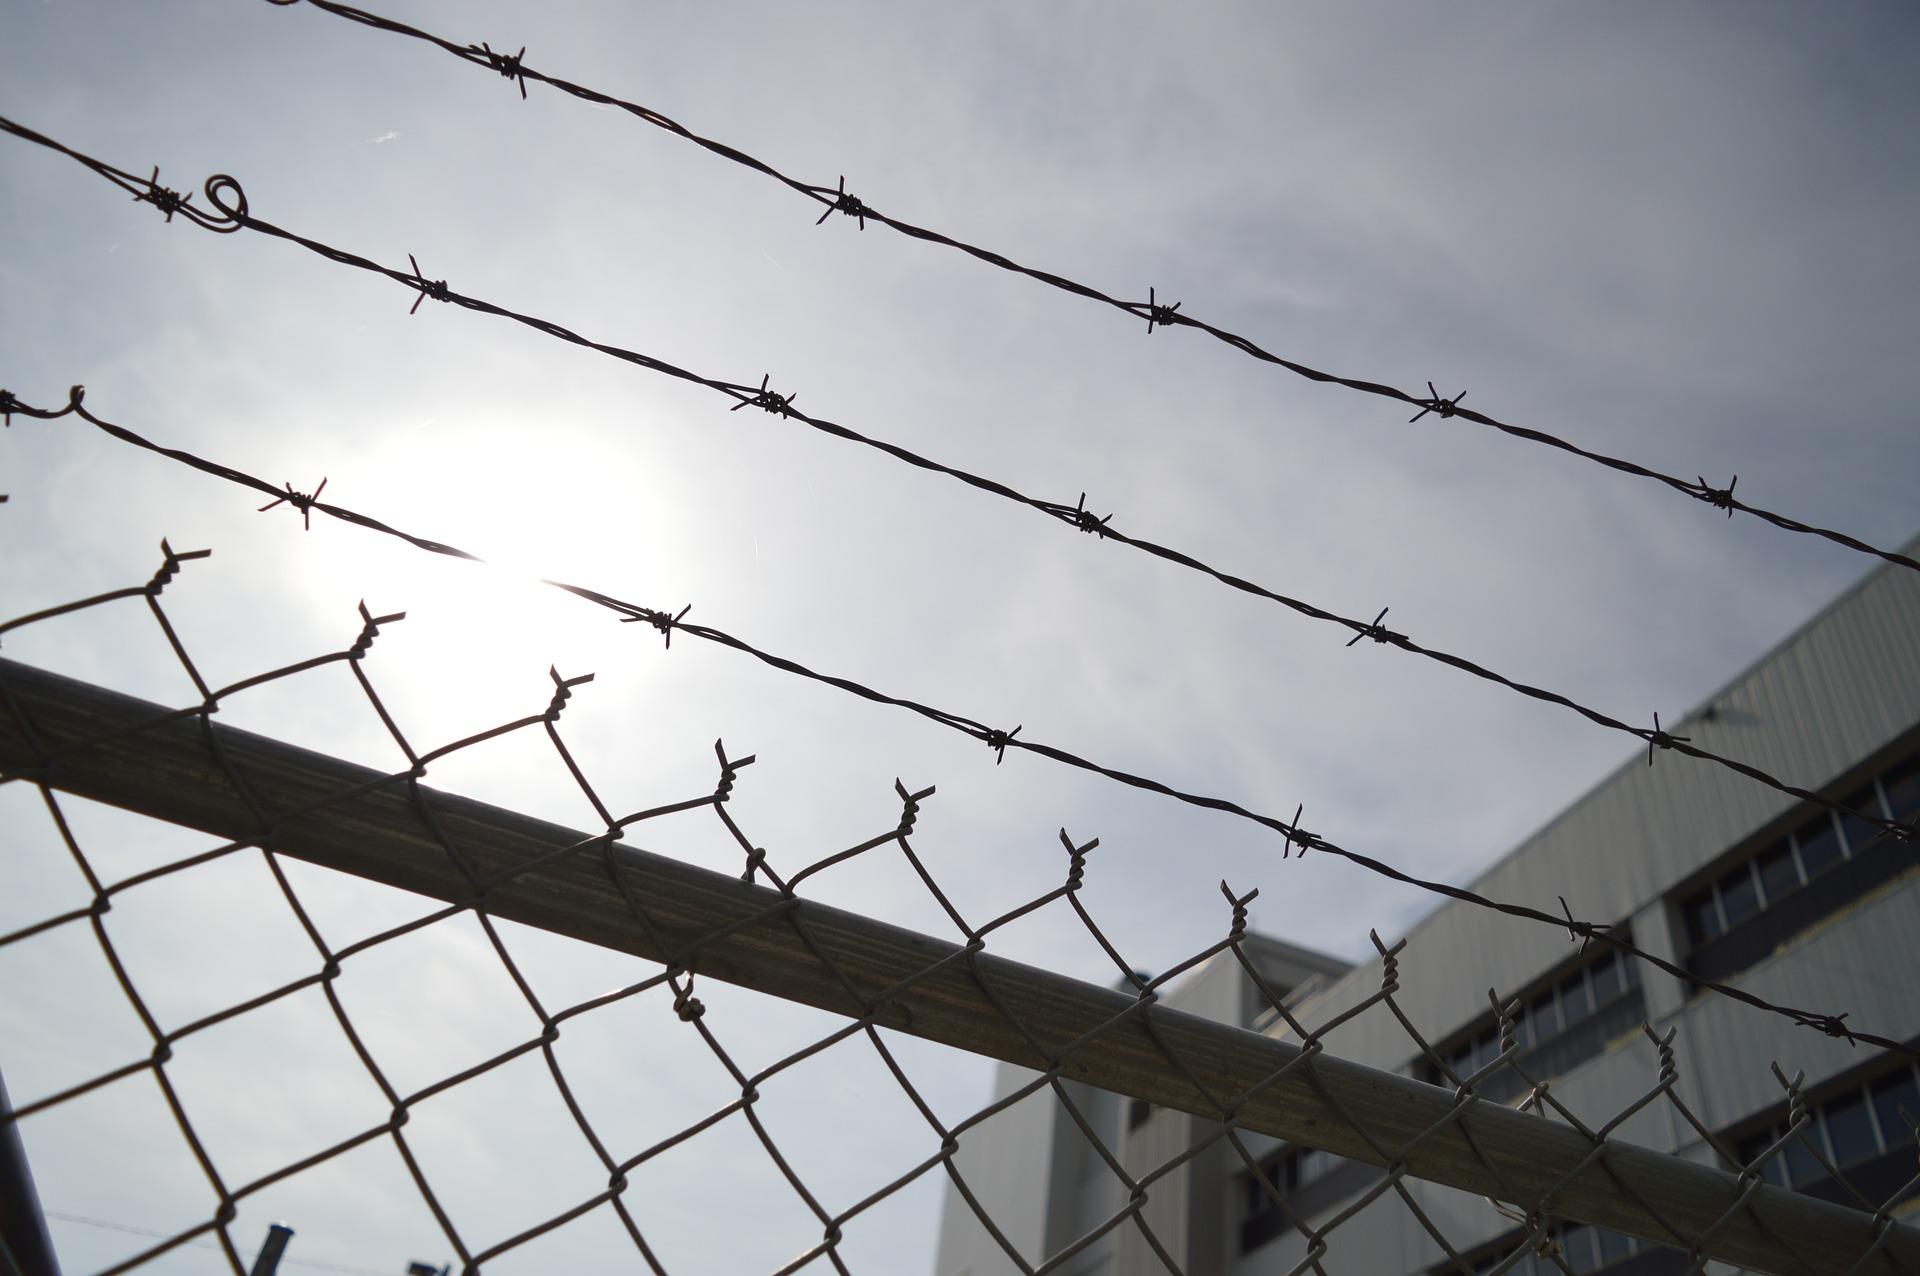 Bimbi nelle carceri: il paradiso negato